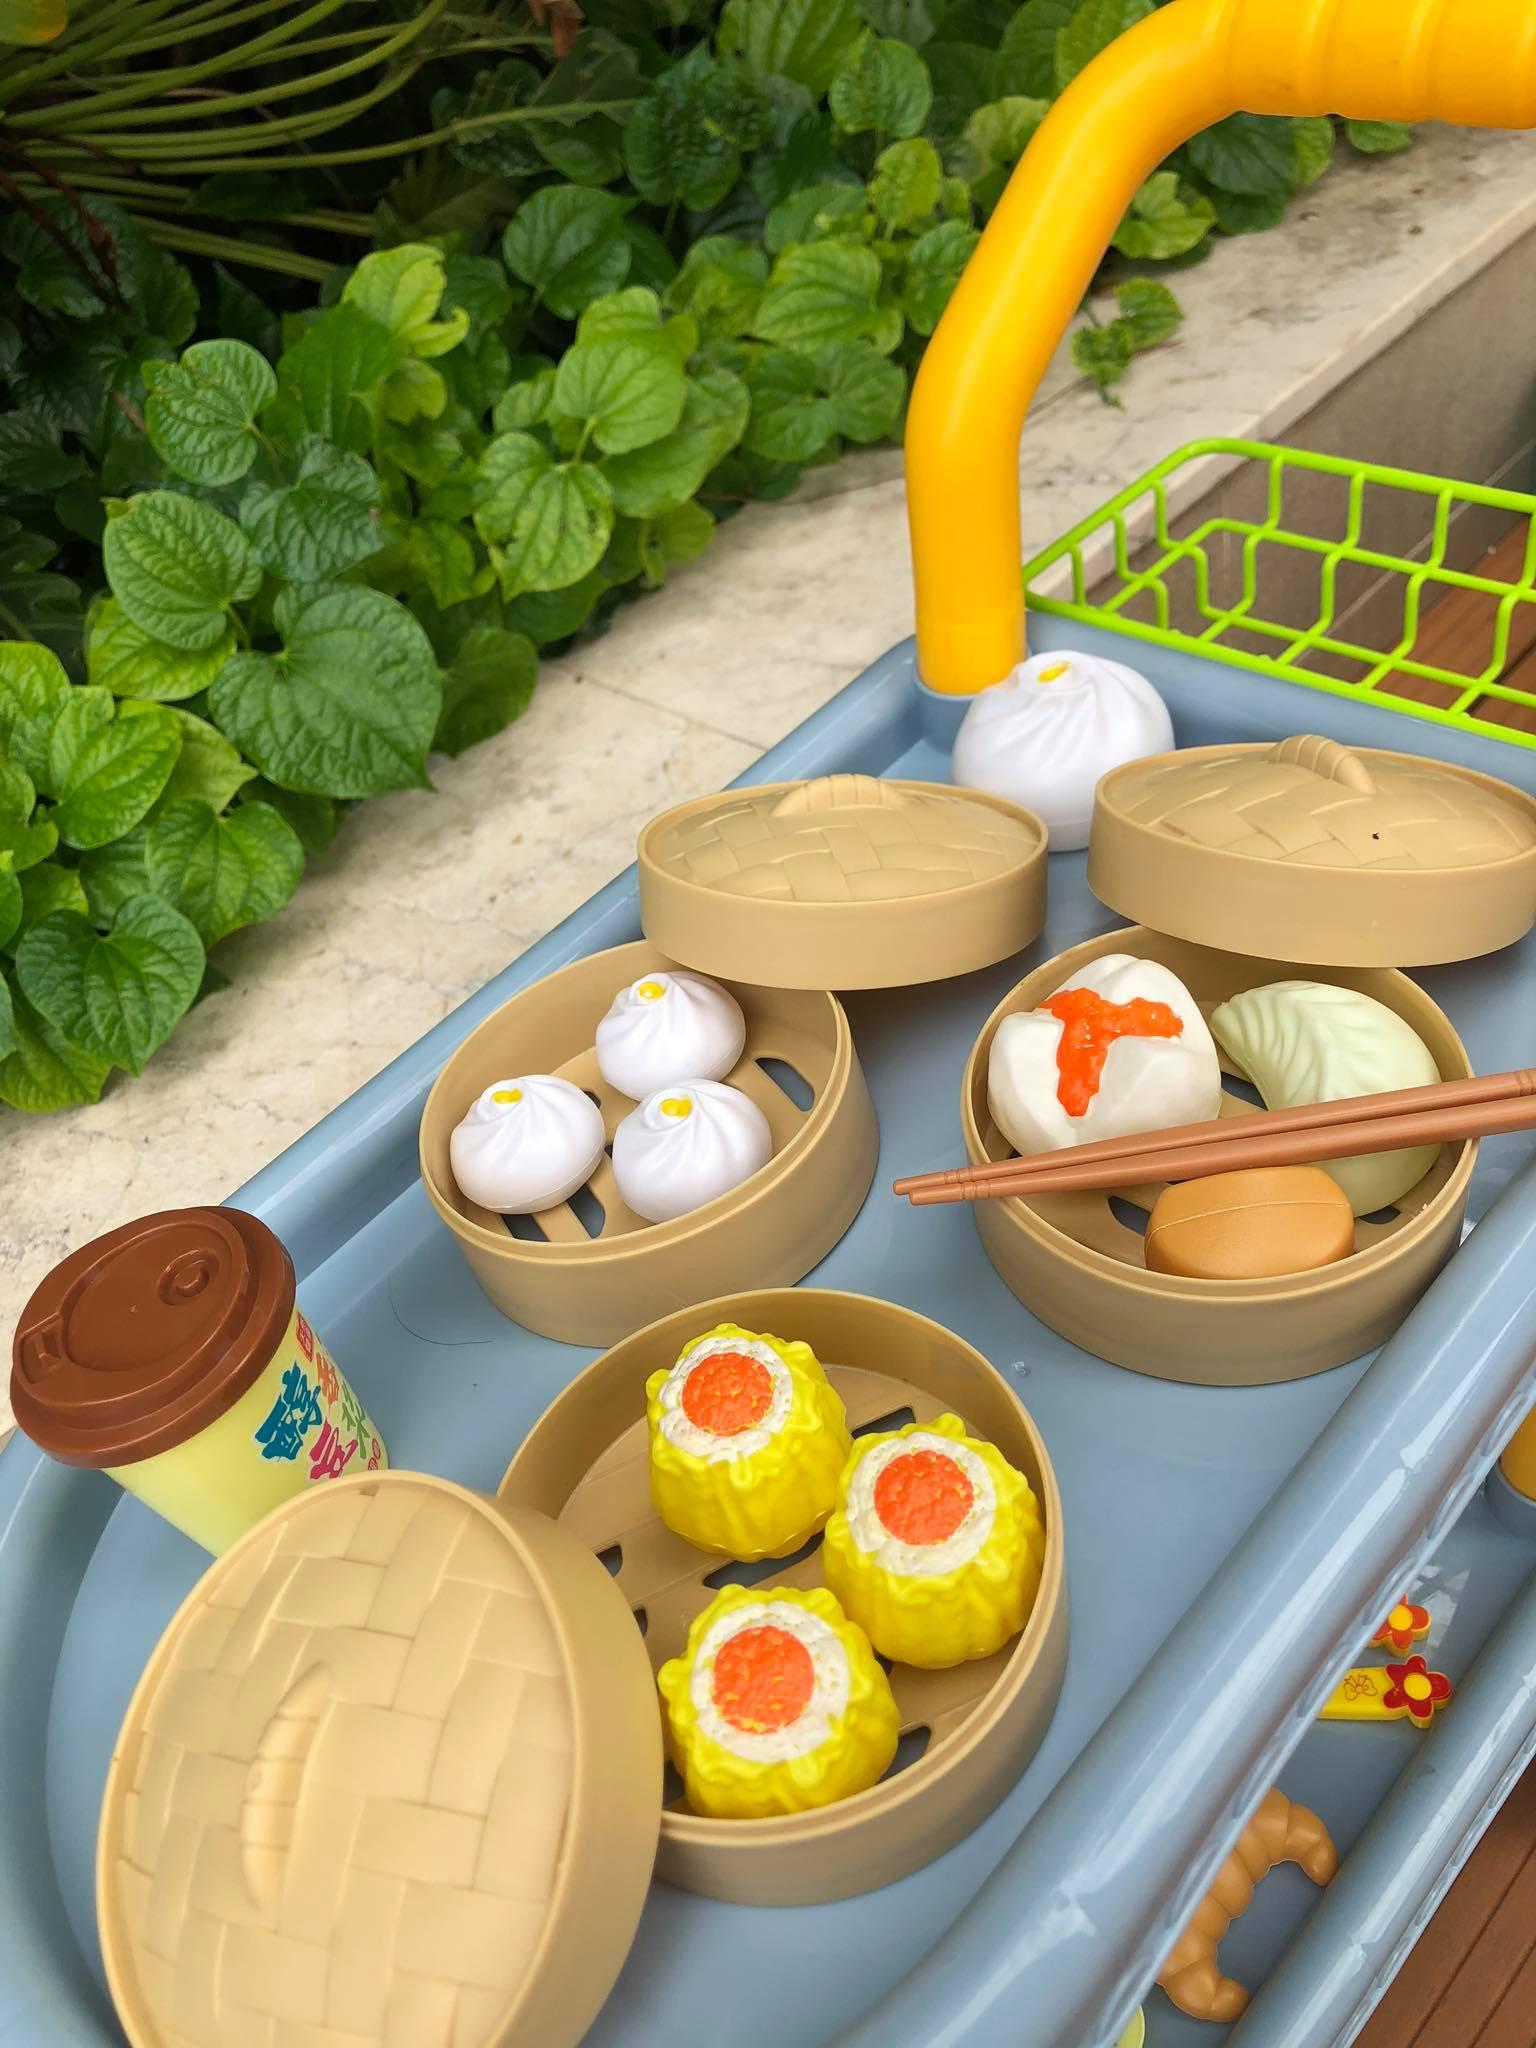 Bộ đồ chơi xe đẩy bán thức ăn 2 tầng siêu cute